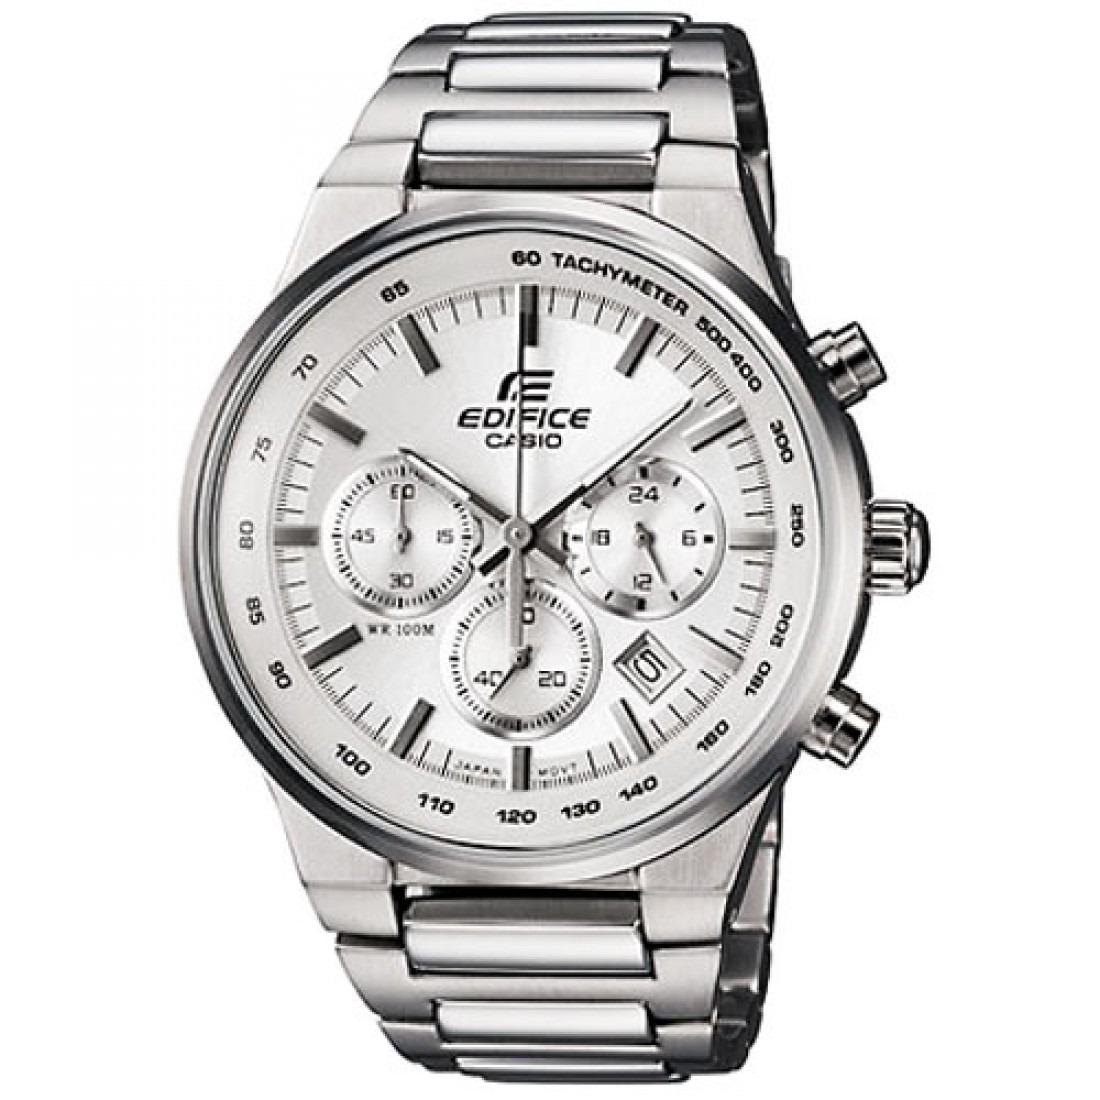 604592ffea21 reloj casio de la línea edifice modelo ef500 caratula blanca. Cargando zoom.